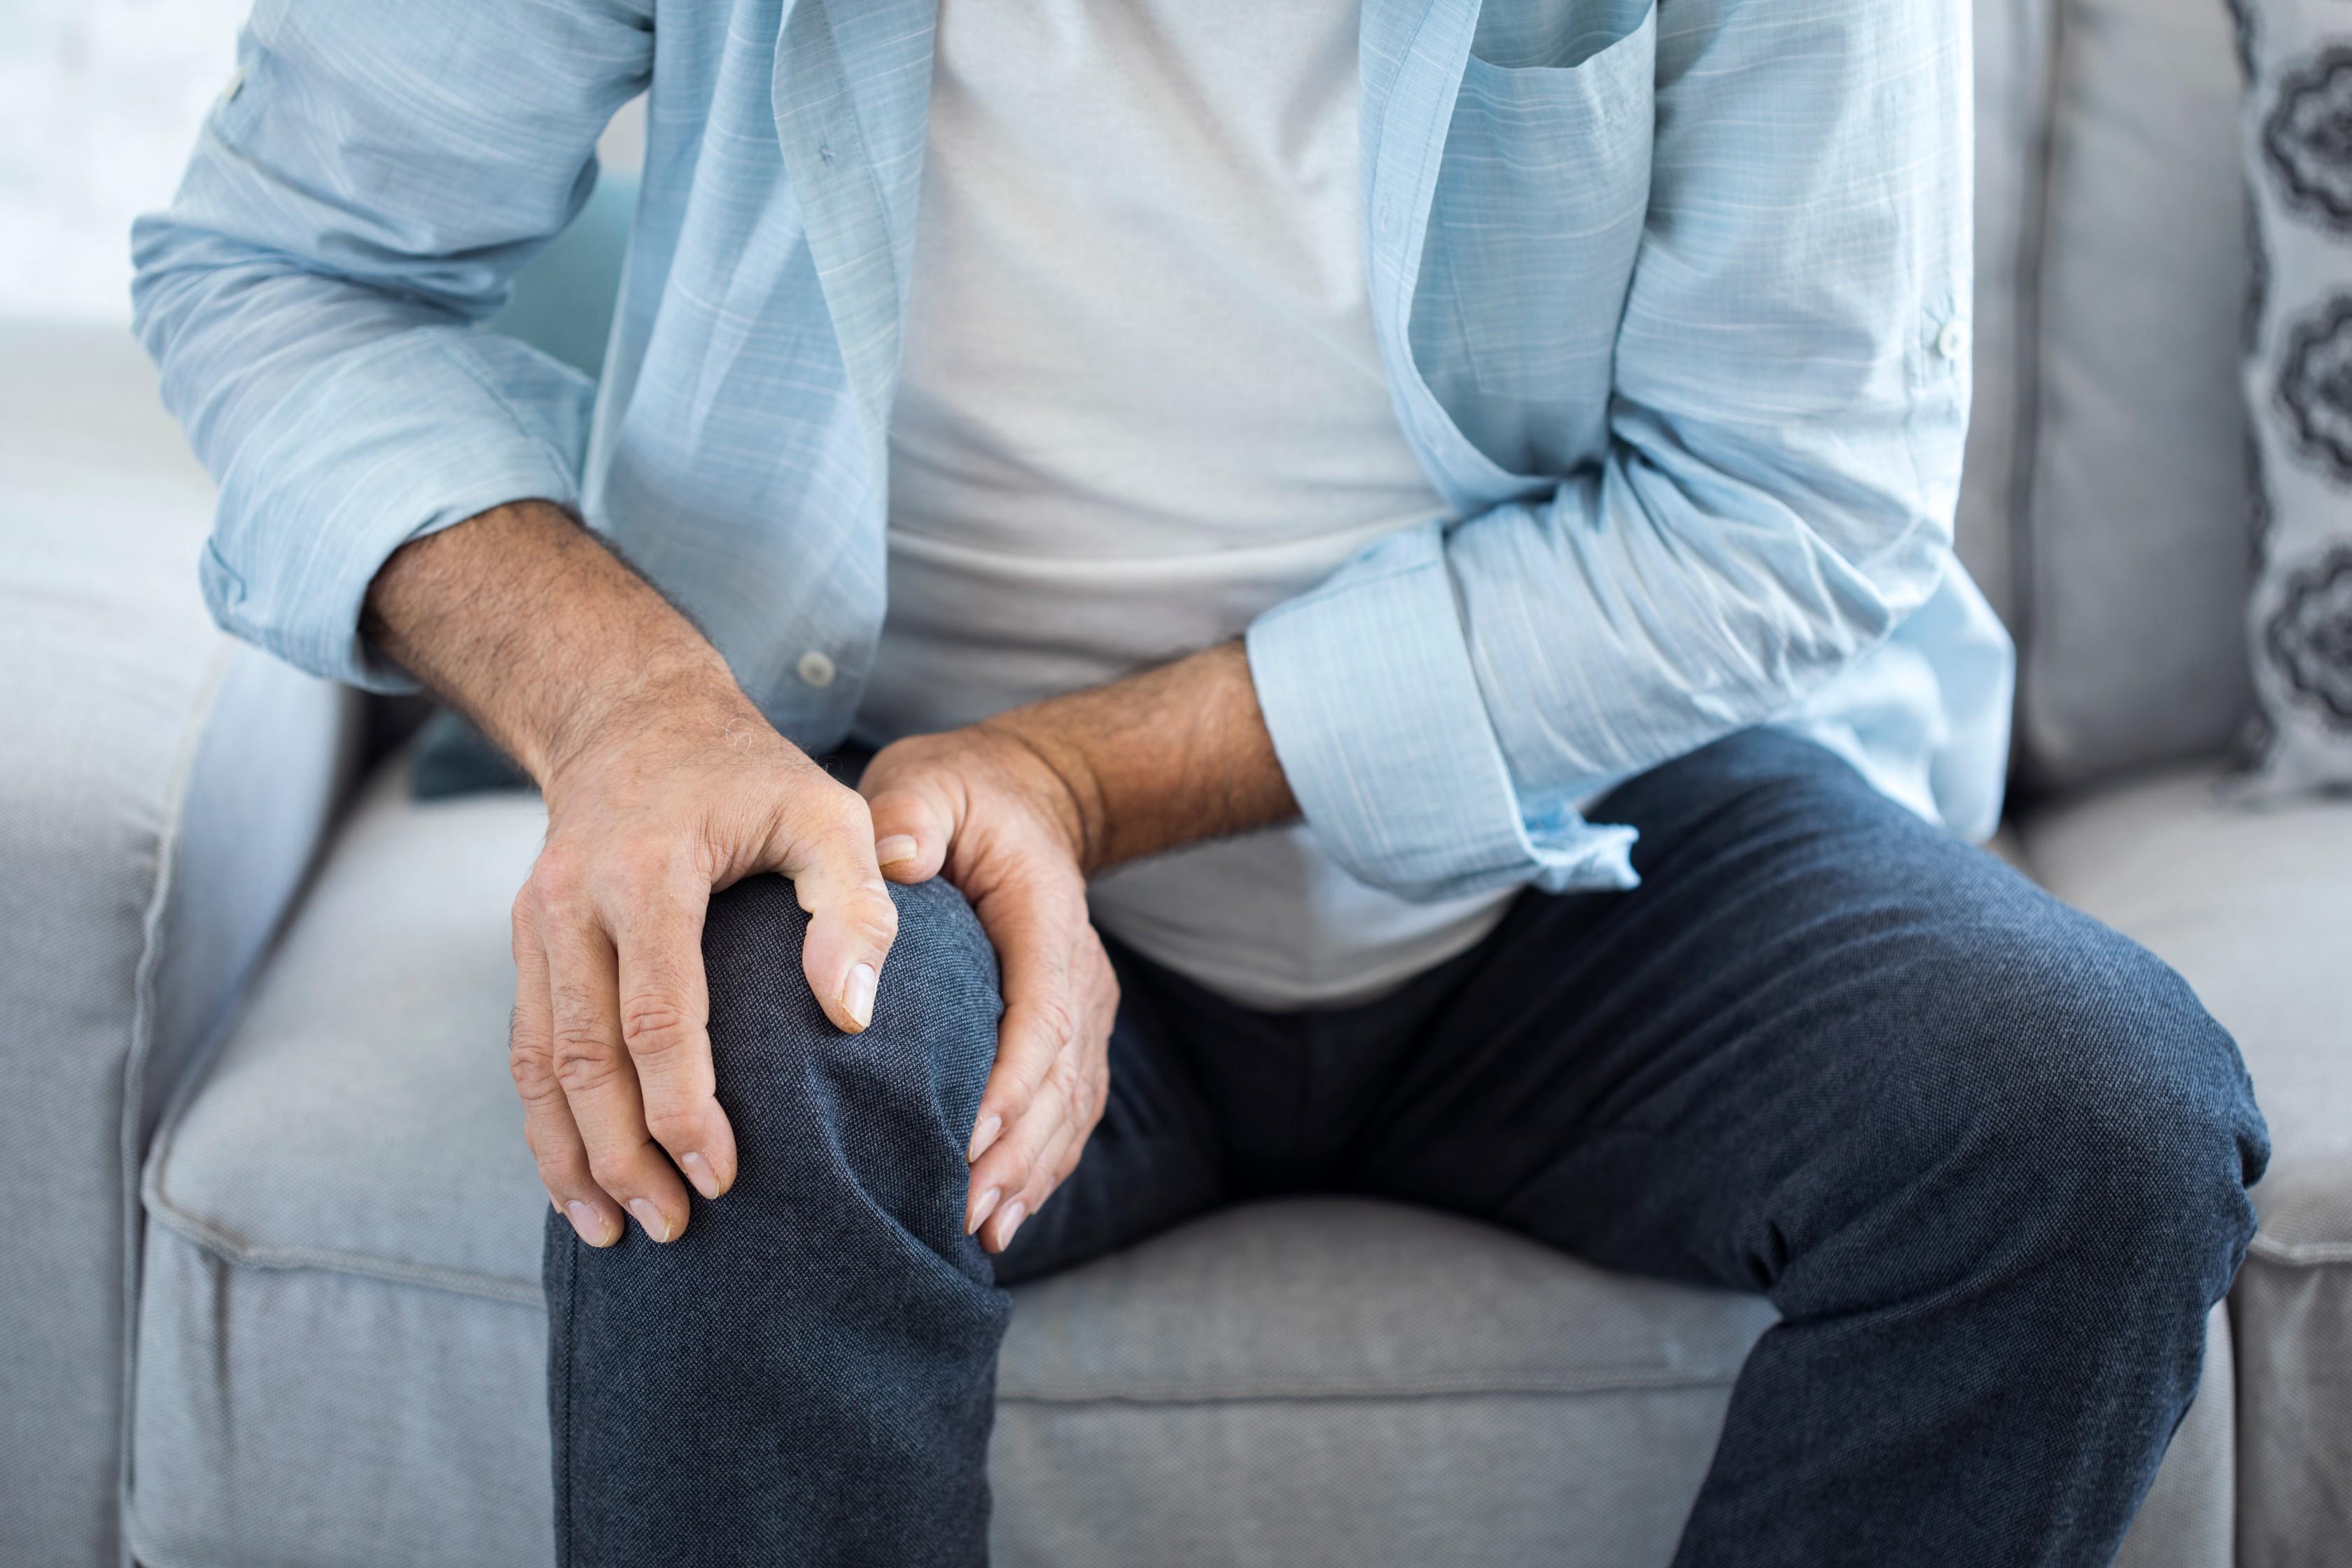 ízületi fájdalmak ín fájdalmak mit kell kezelni az ízületek fájdalmát